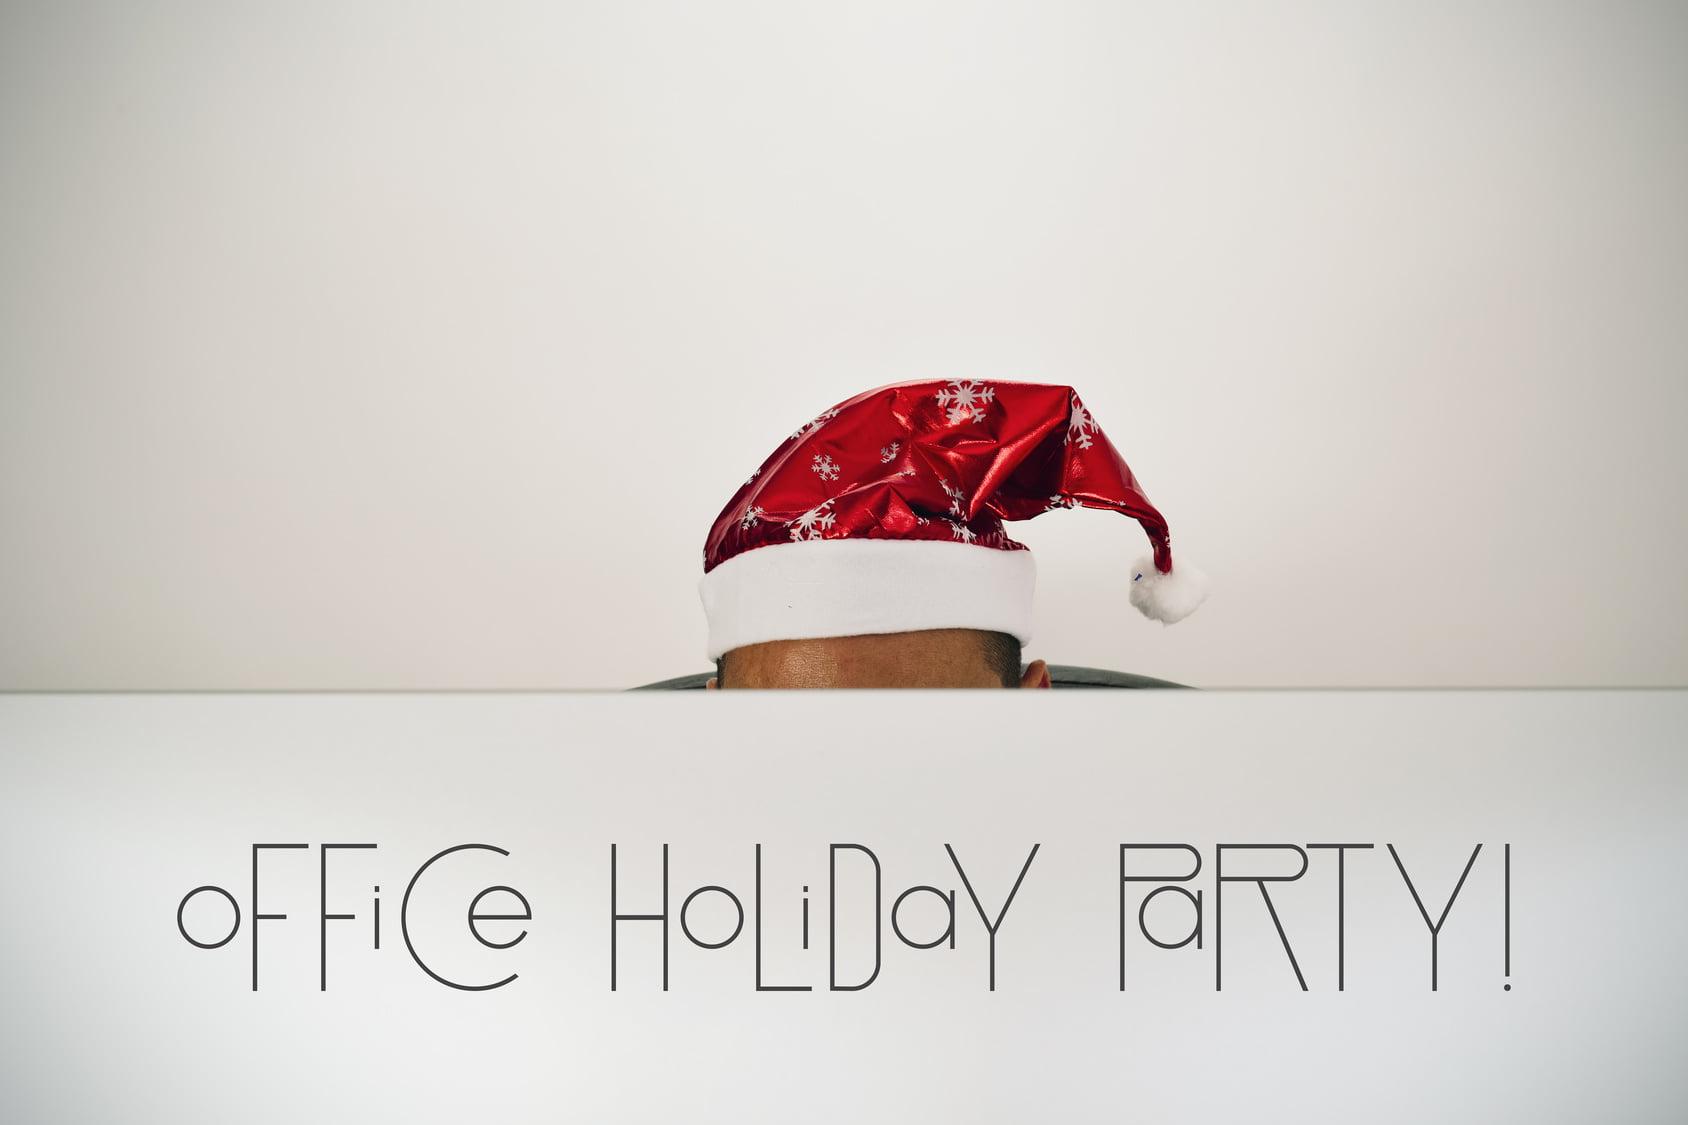 7OfficeHolidayPartyAlternatives